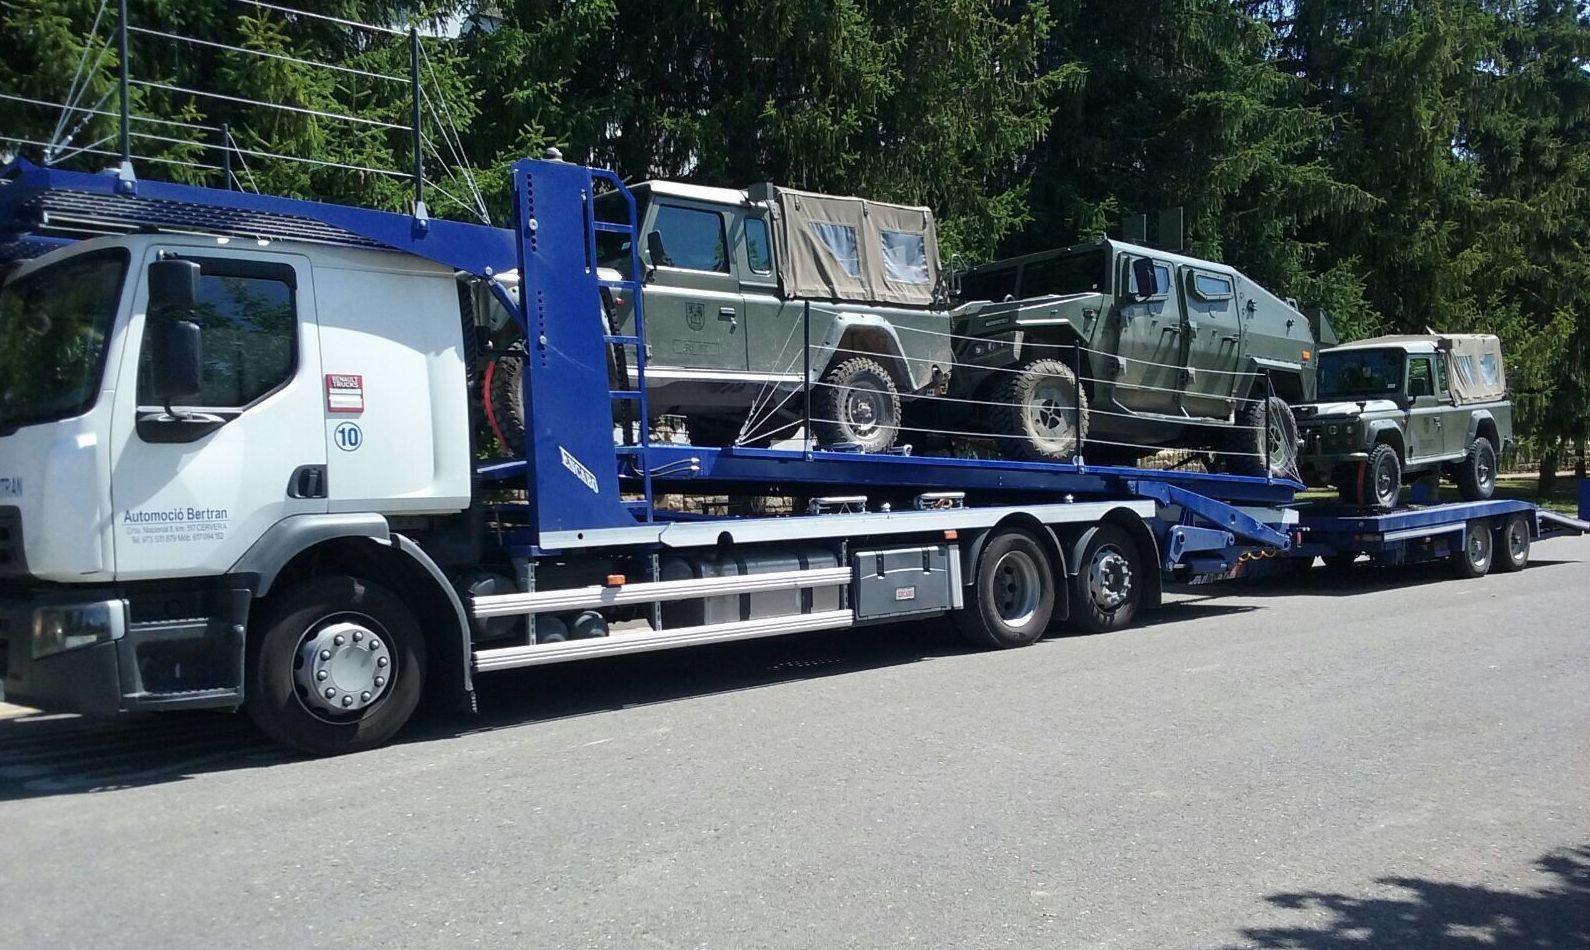 Grúa para traslados nacionales: Coches Km 0 y de ocasión de Automoció Bertran S L